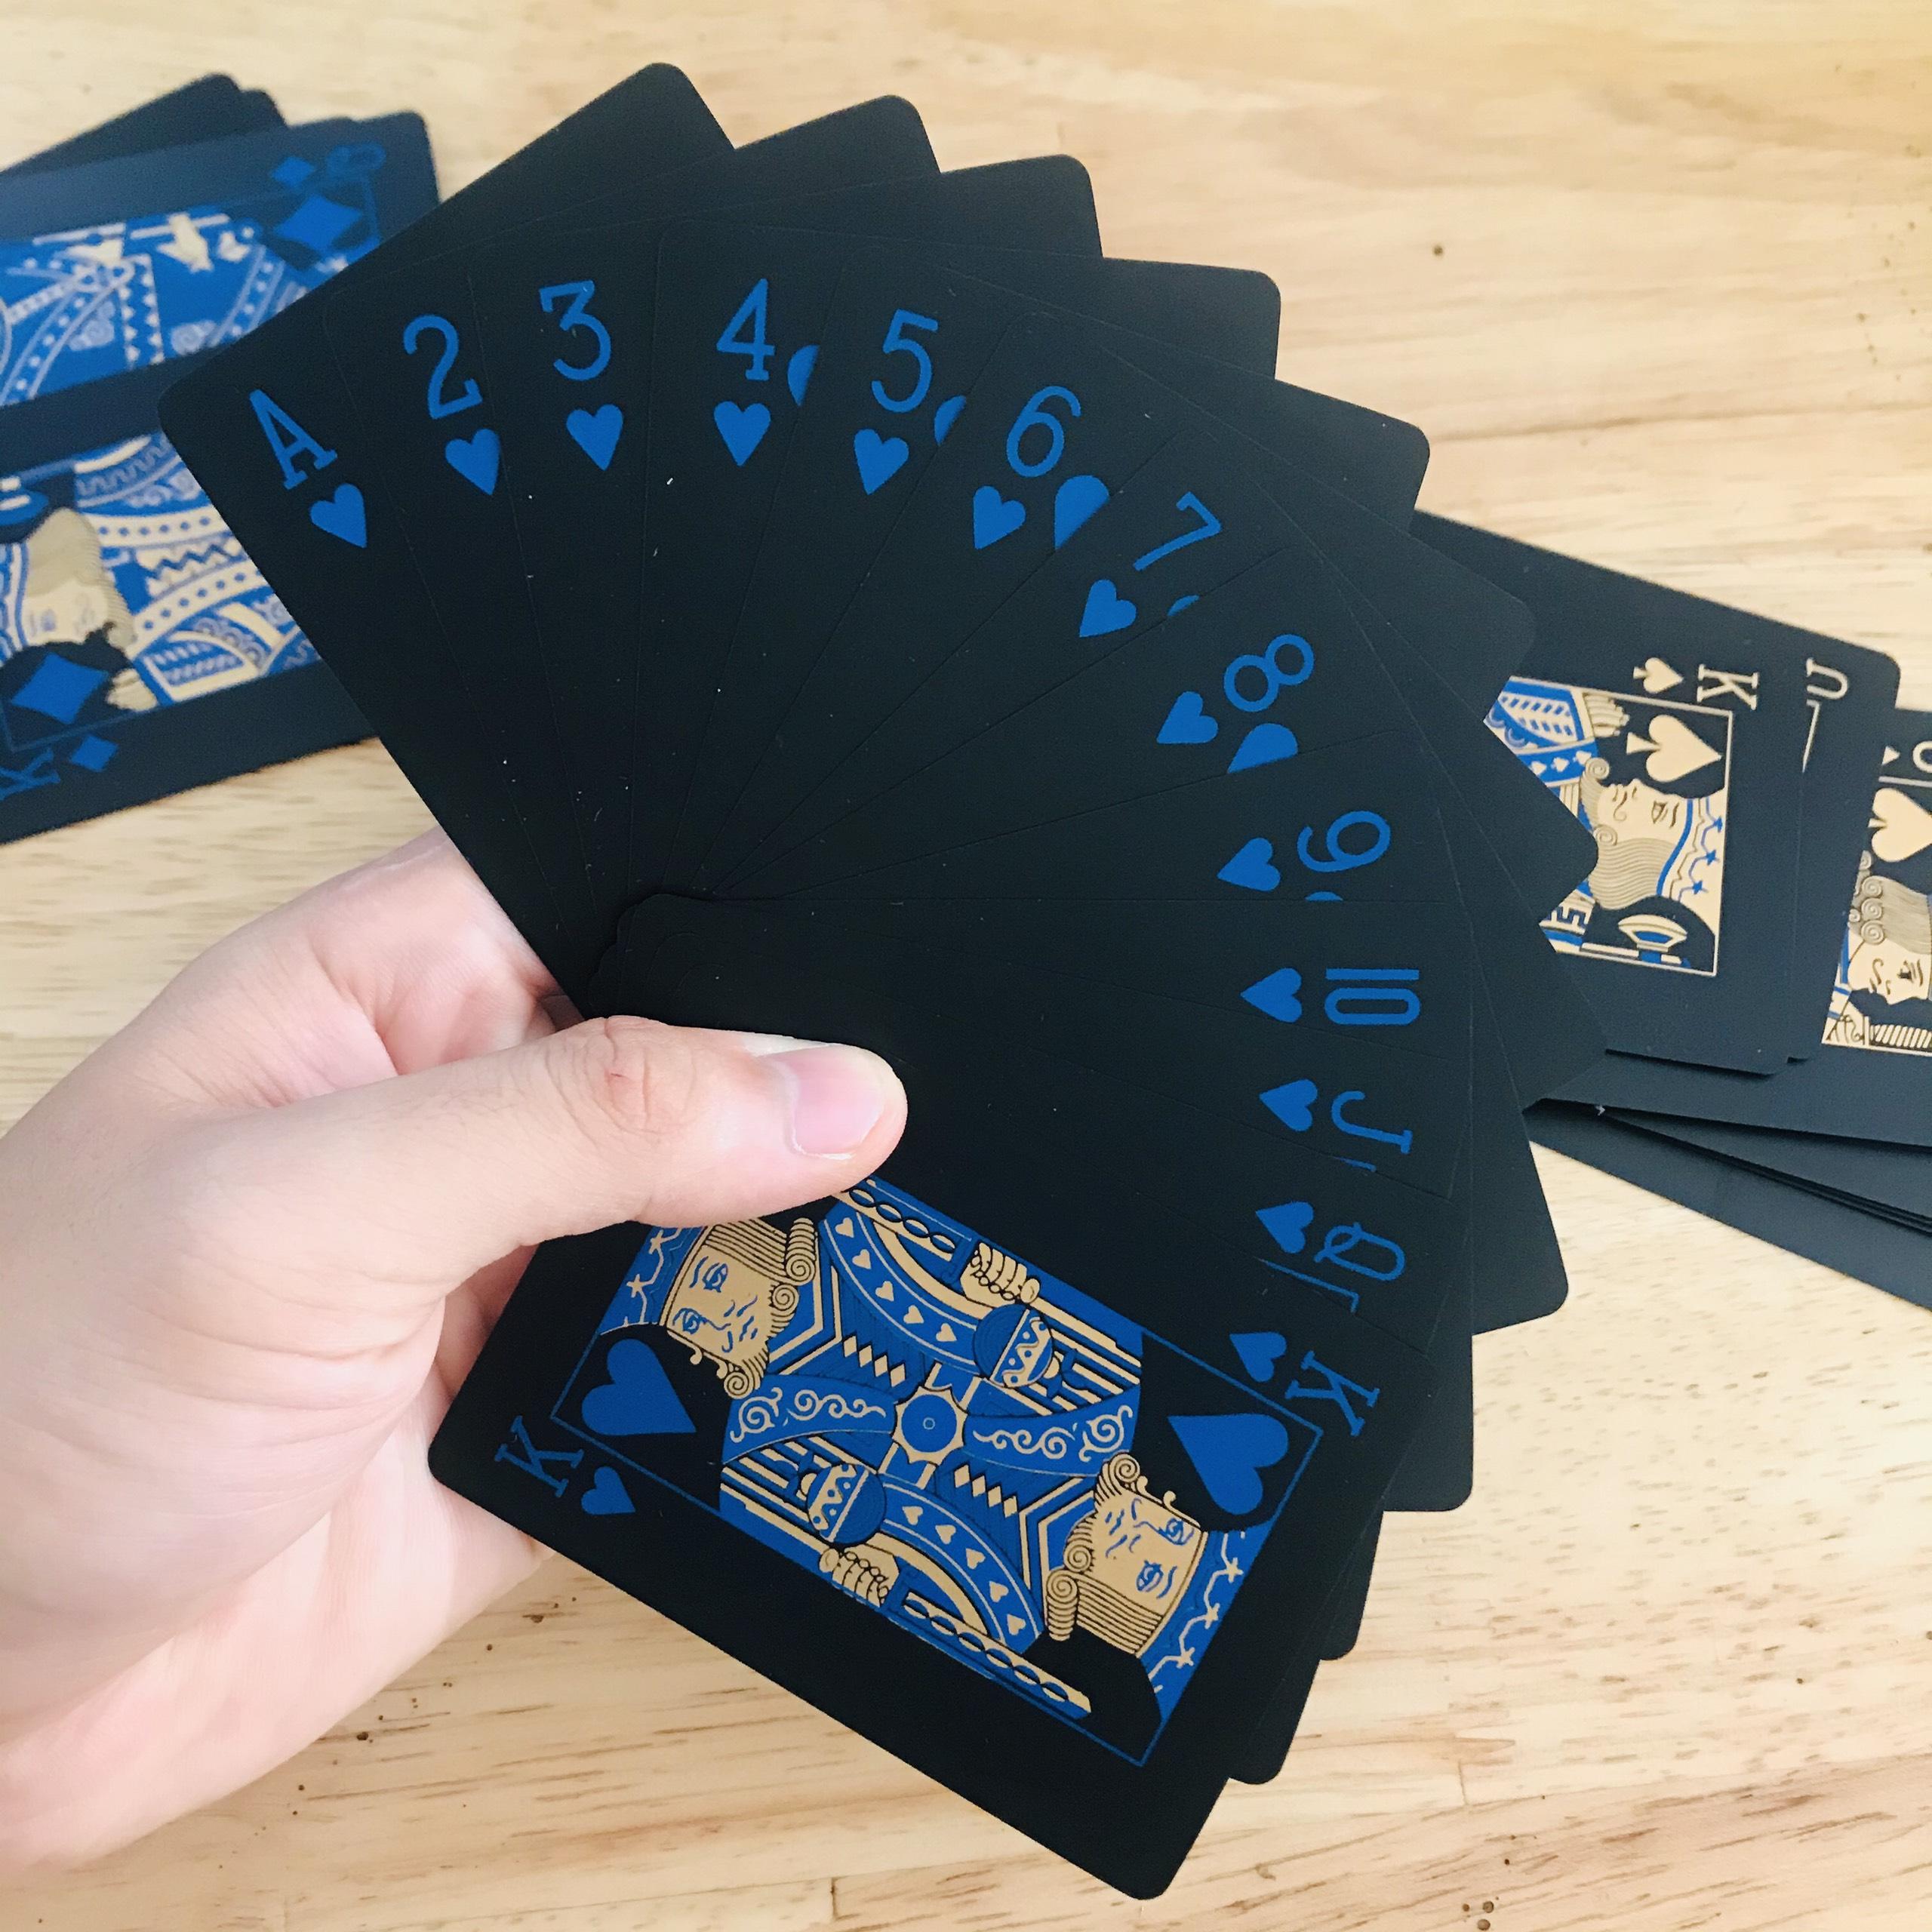 Bộ Bài Tây Poker Nền Đen Cao Cấp Chọn Màu – Bài Tây Nhựa PVC Chống Nước – Chính Hãng miDoctor